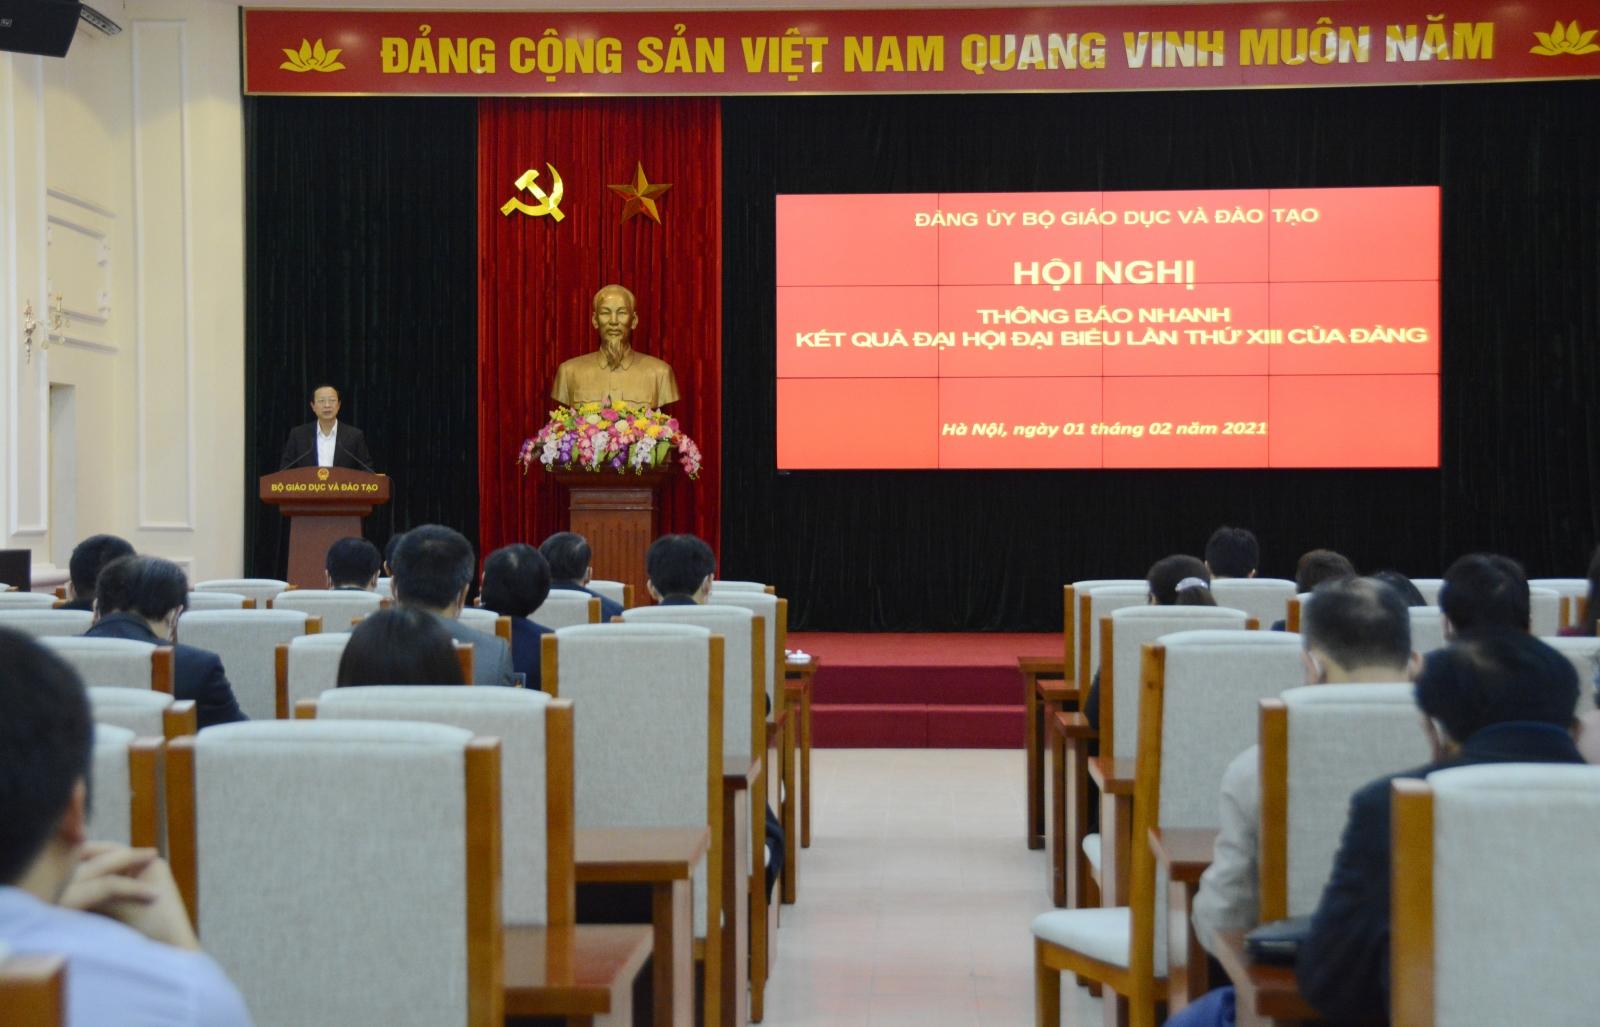 Đảng ủy Bộ GD&ĐT thông tin về kết quả Đại hội đại biểu toàn quốc lần thứ XIII của Đảng